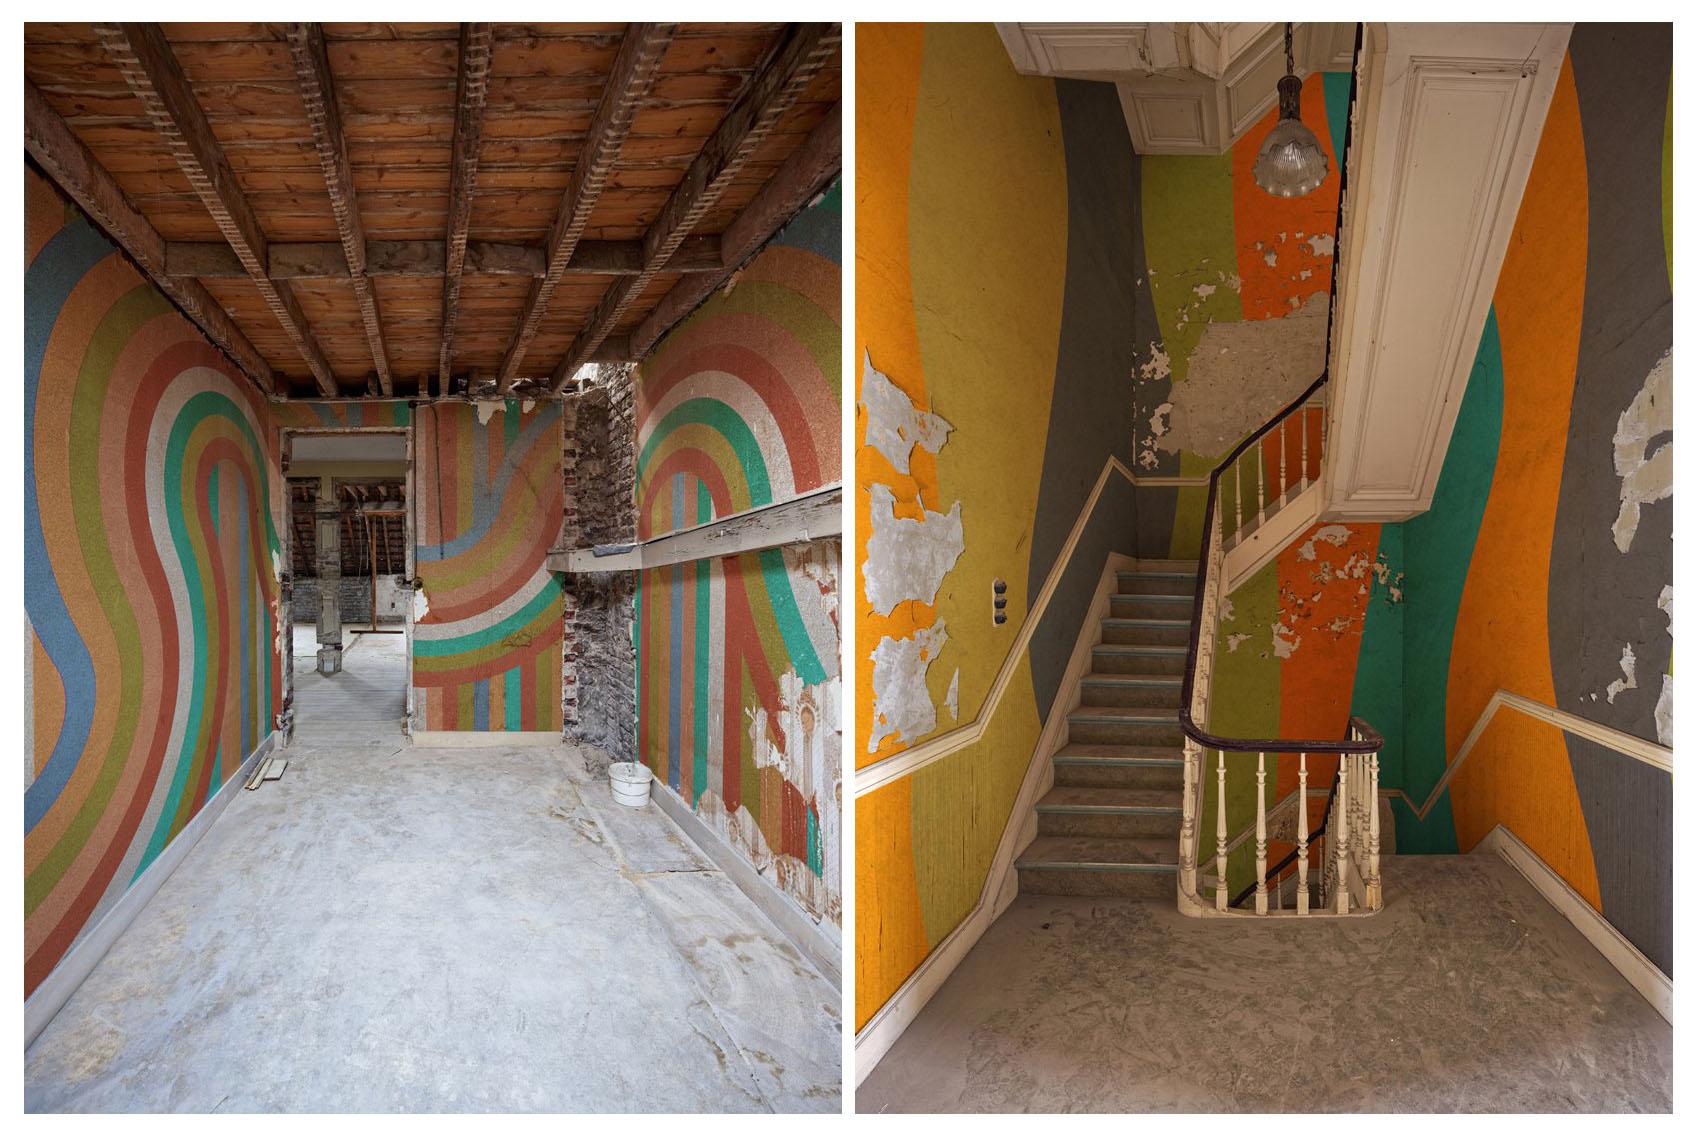 عکاس بلژیکی نقاشی های جذابِ دیواری را در حالتی از ویرانی به تصویر می کشد